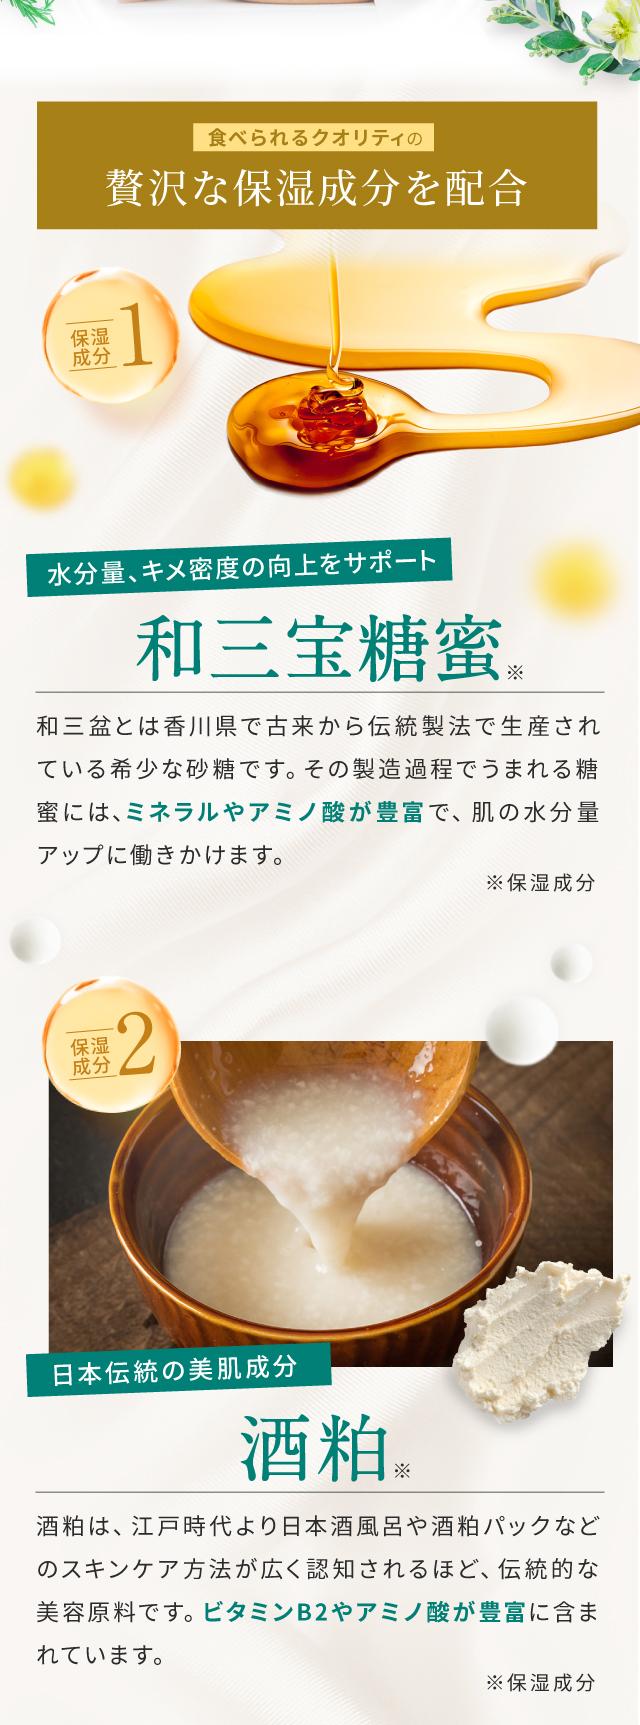 ミネラル・アミノ酸豊富な和三宝糖蜜 日本伝統の美肌成分酒粕